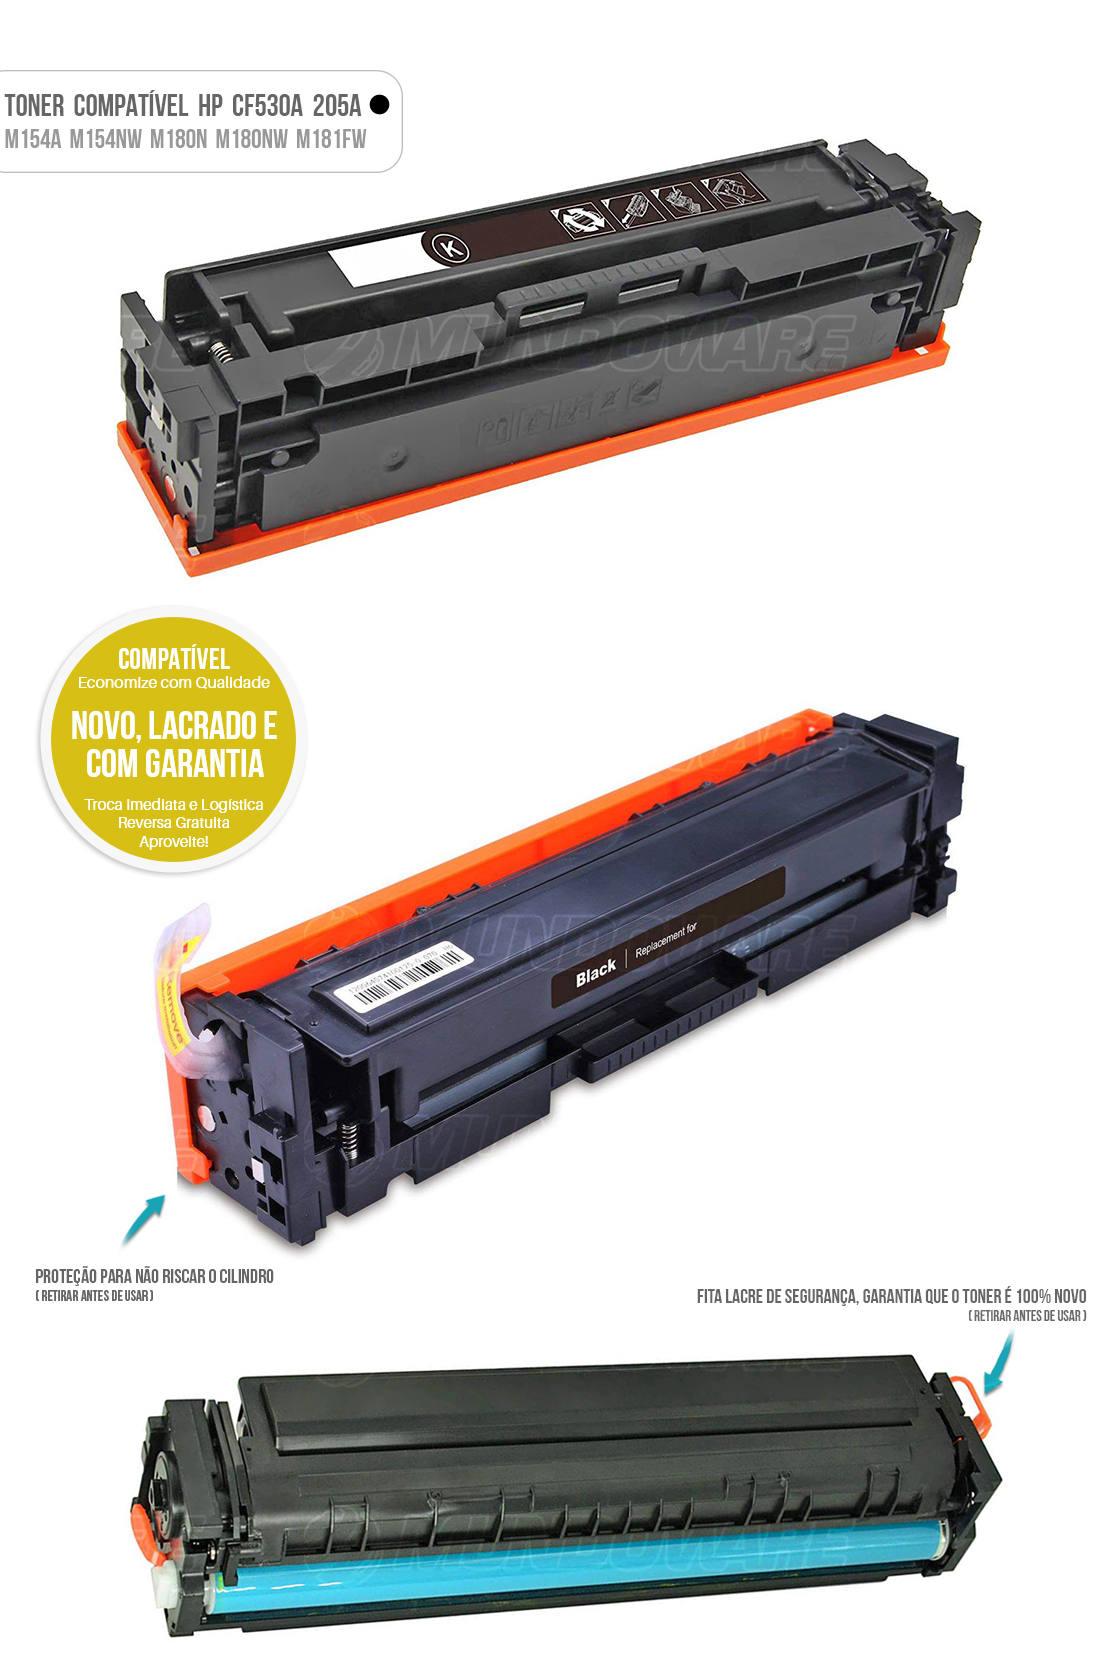 Toner para impressora Laser M154 M154A M154NW M180 M180N M180NW M181 M181FW Tonner Preto